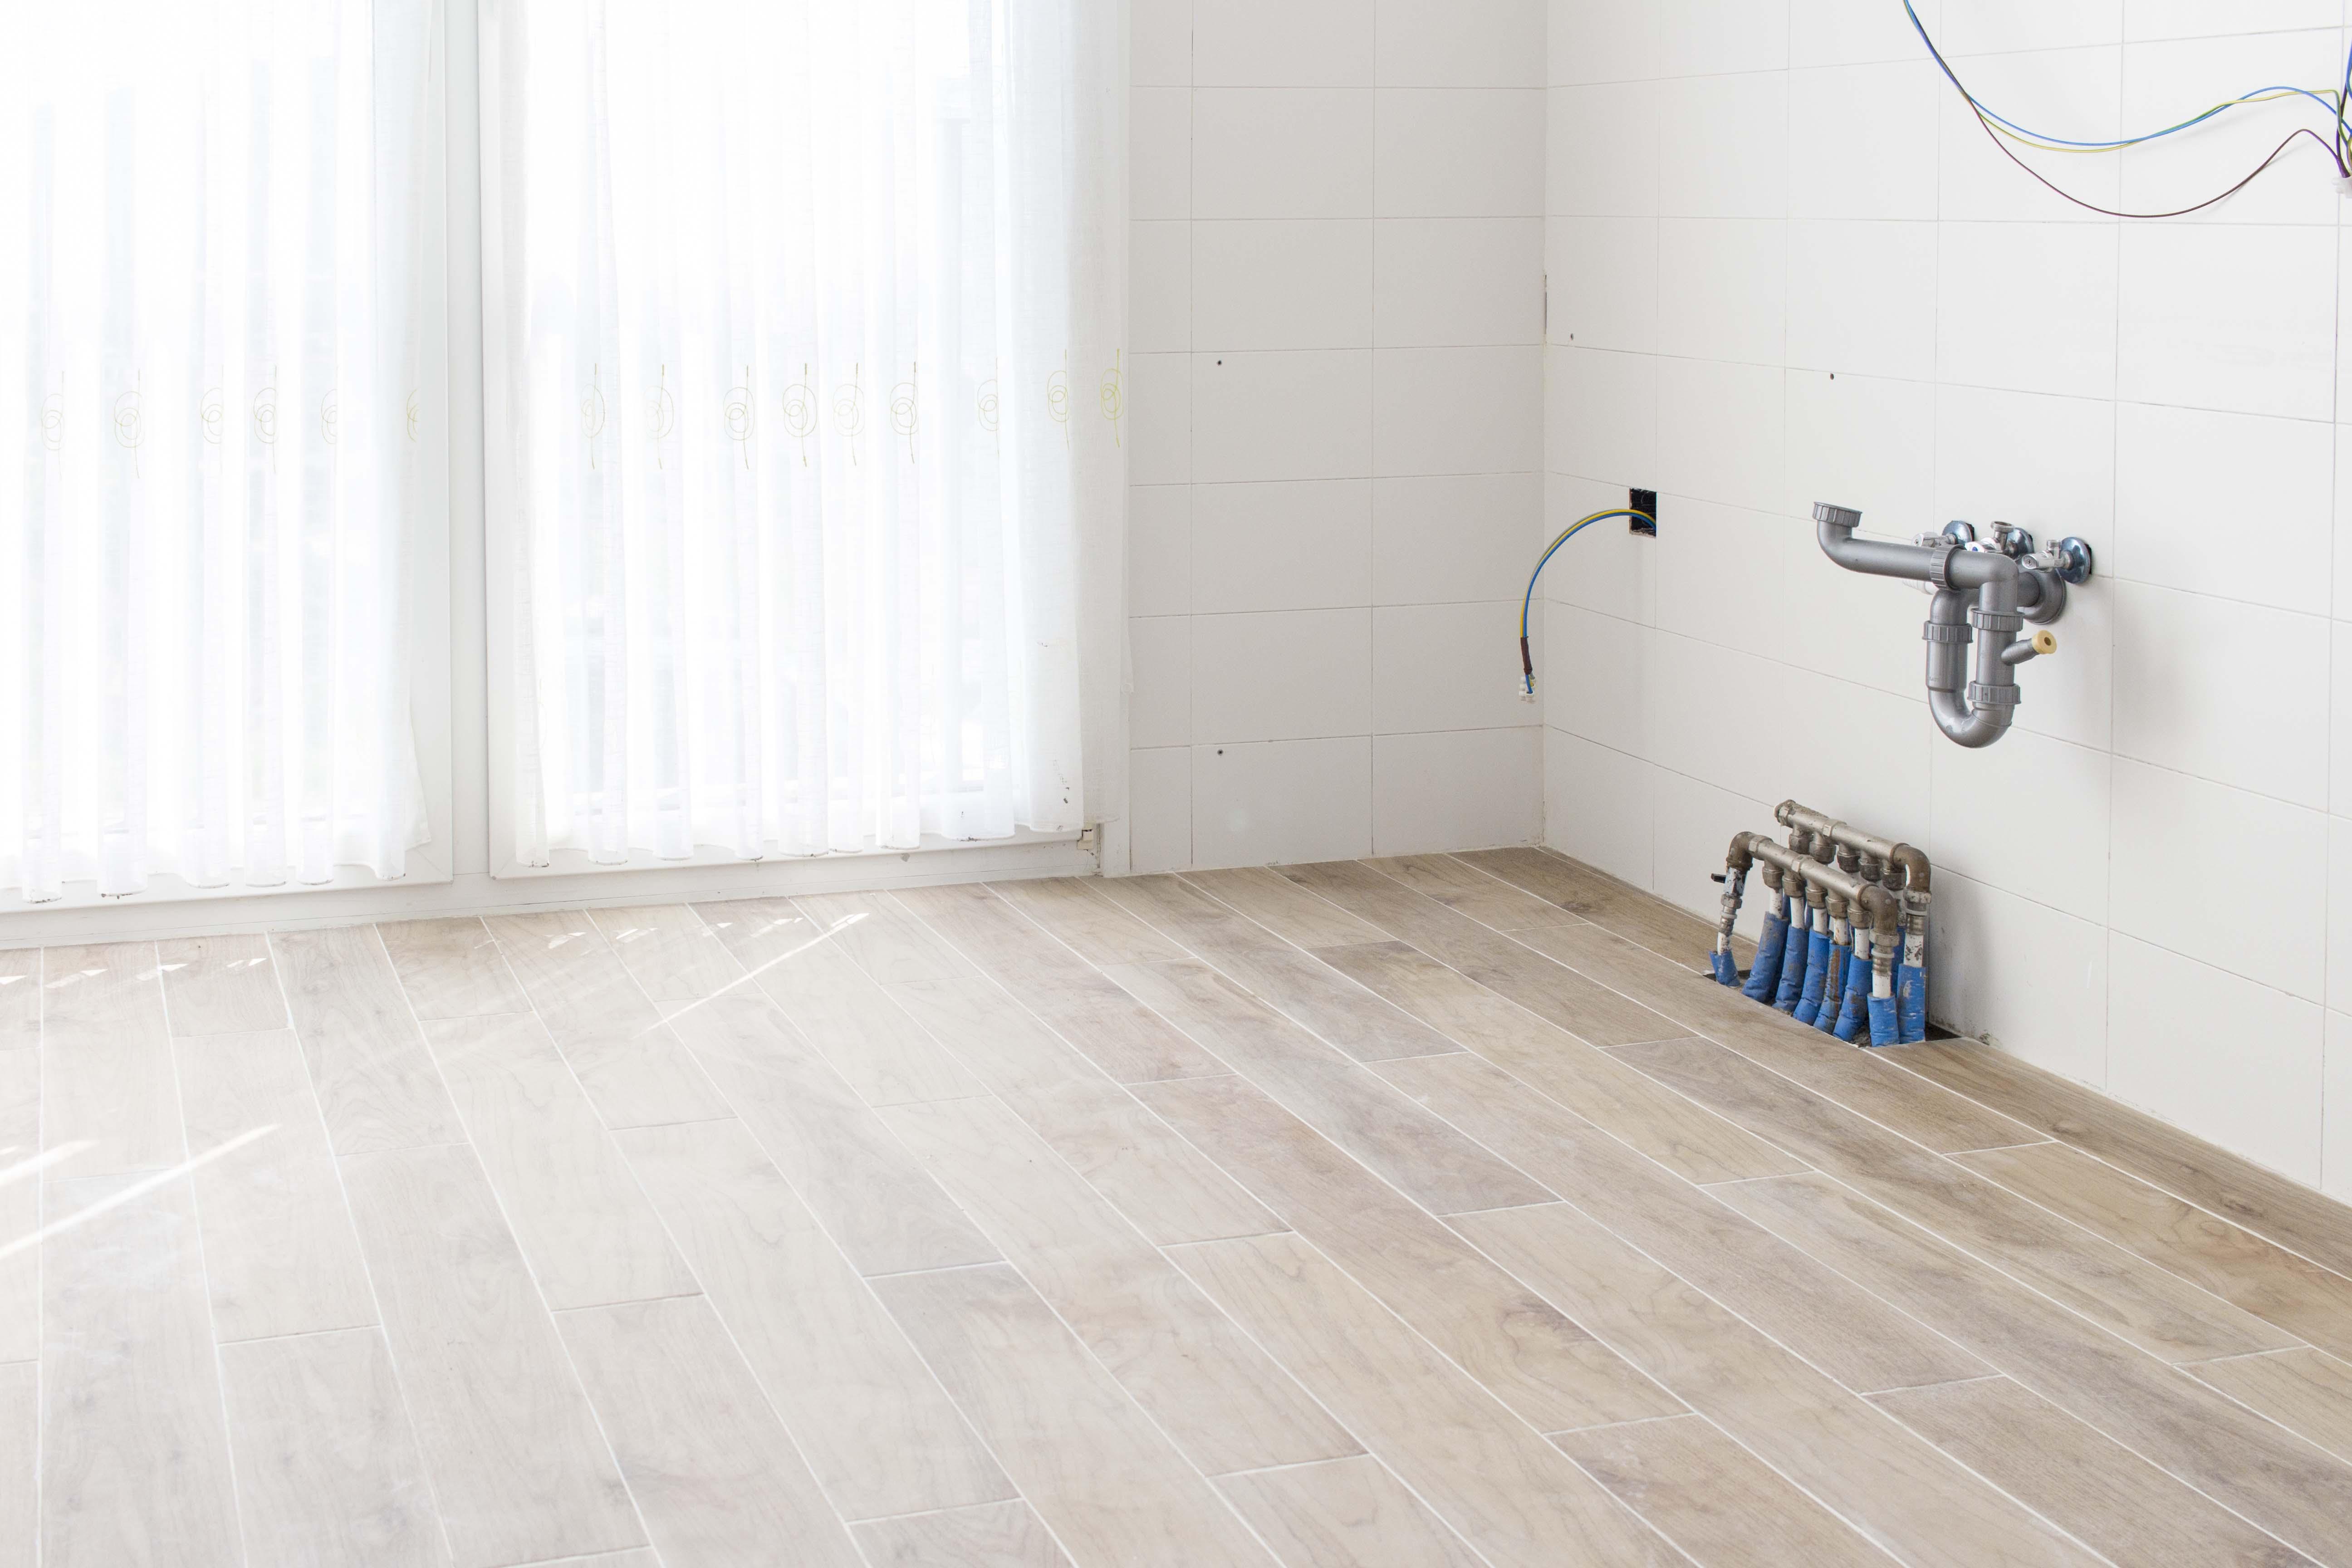 instalar-suelo-ceramico